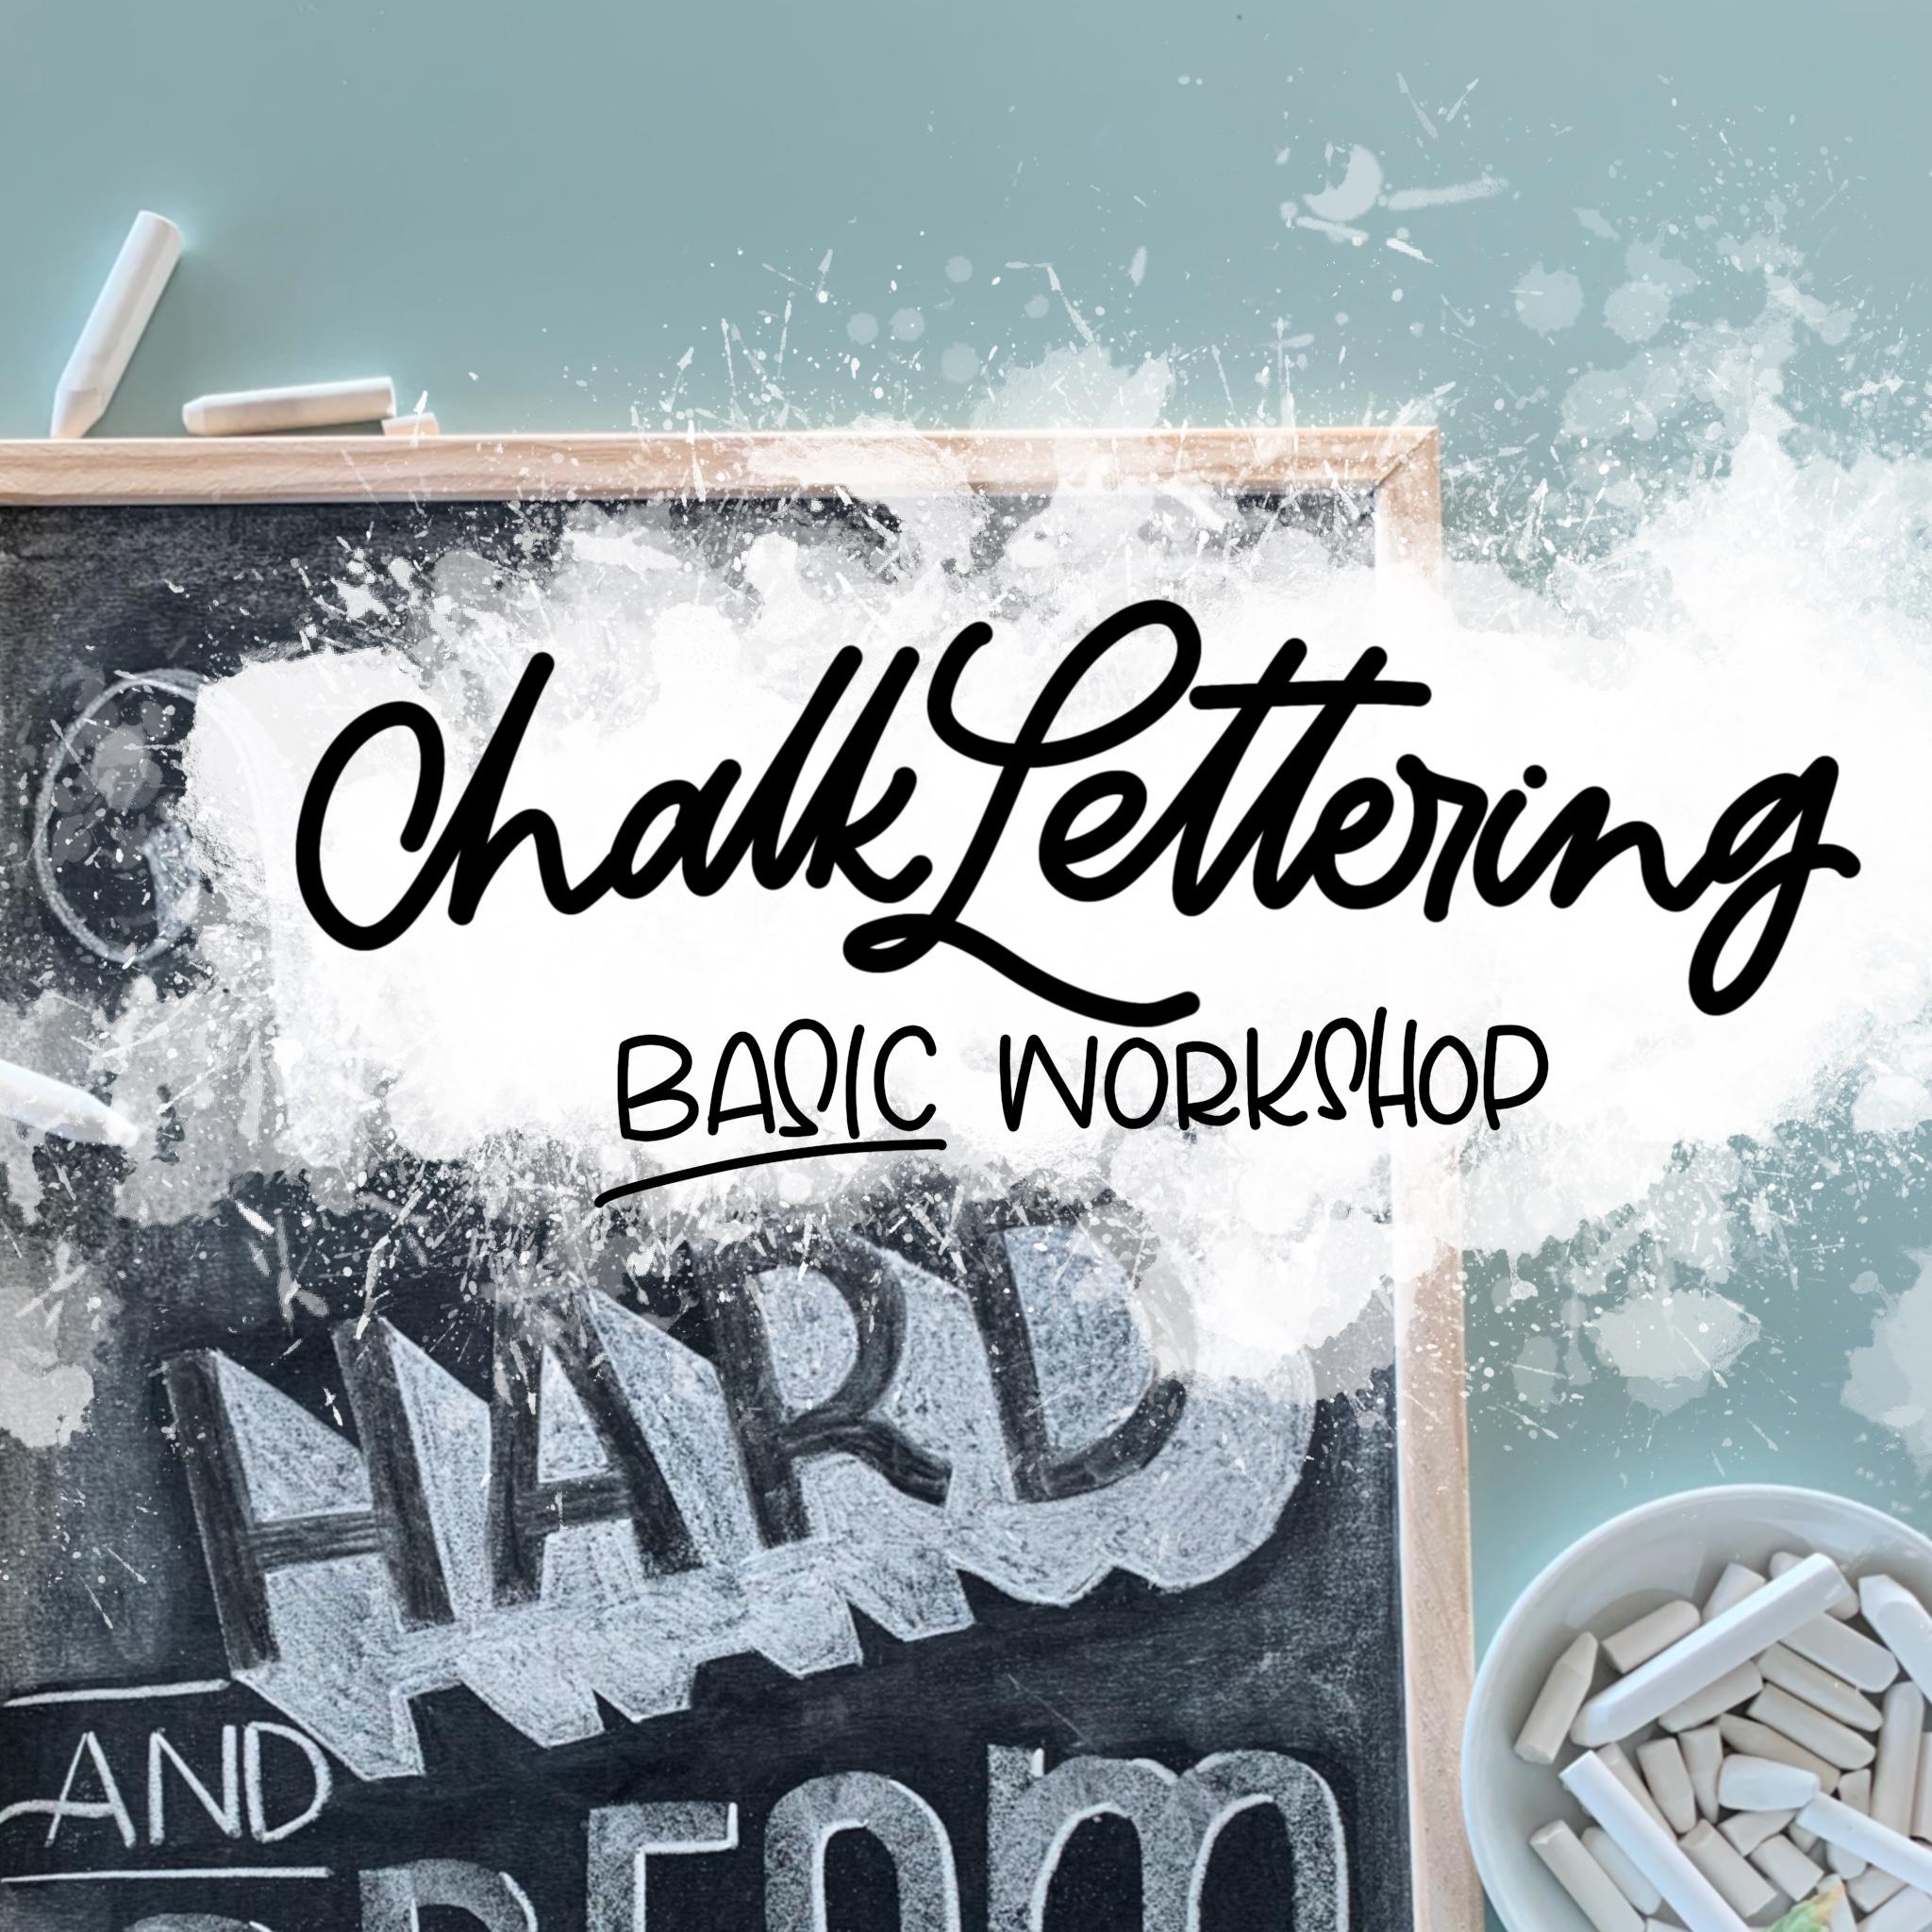 tafelbeschriftung, tafel lettering, kreide beschriftung, tafeln bemalen, chalk lettering